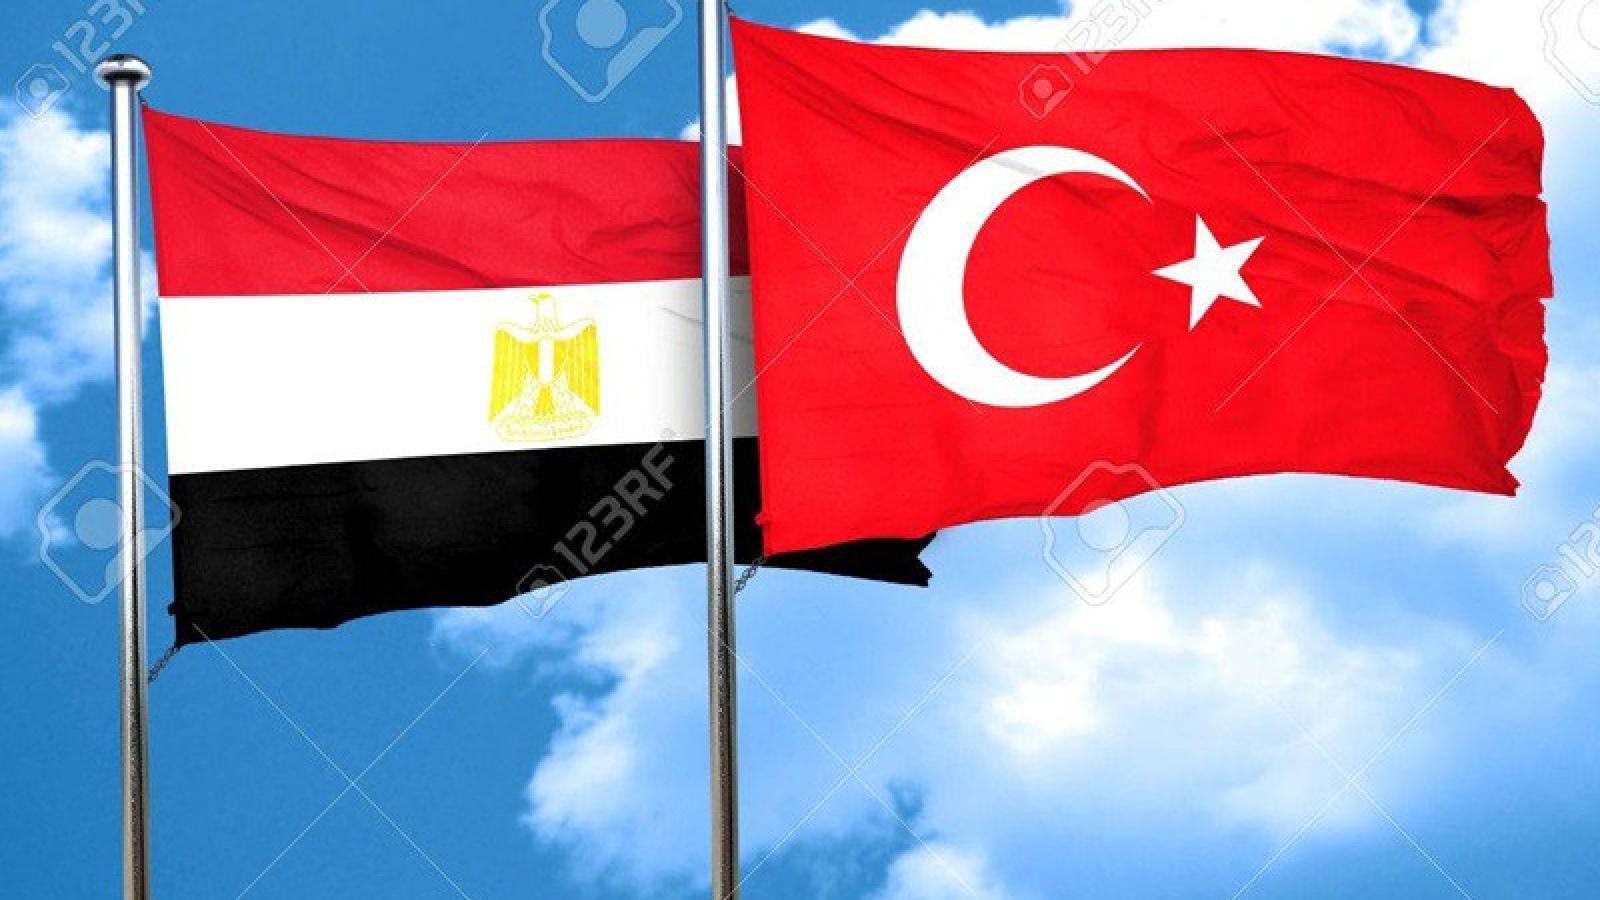 Ai Cập lên án Thổ Nhĩ Kỳ can dự vào nội bộ các nước Arab